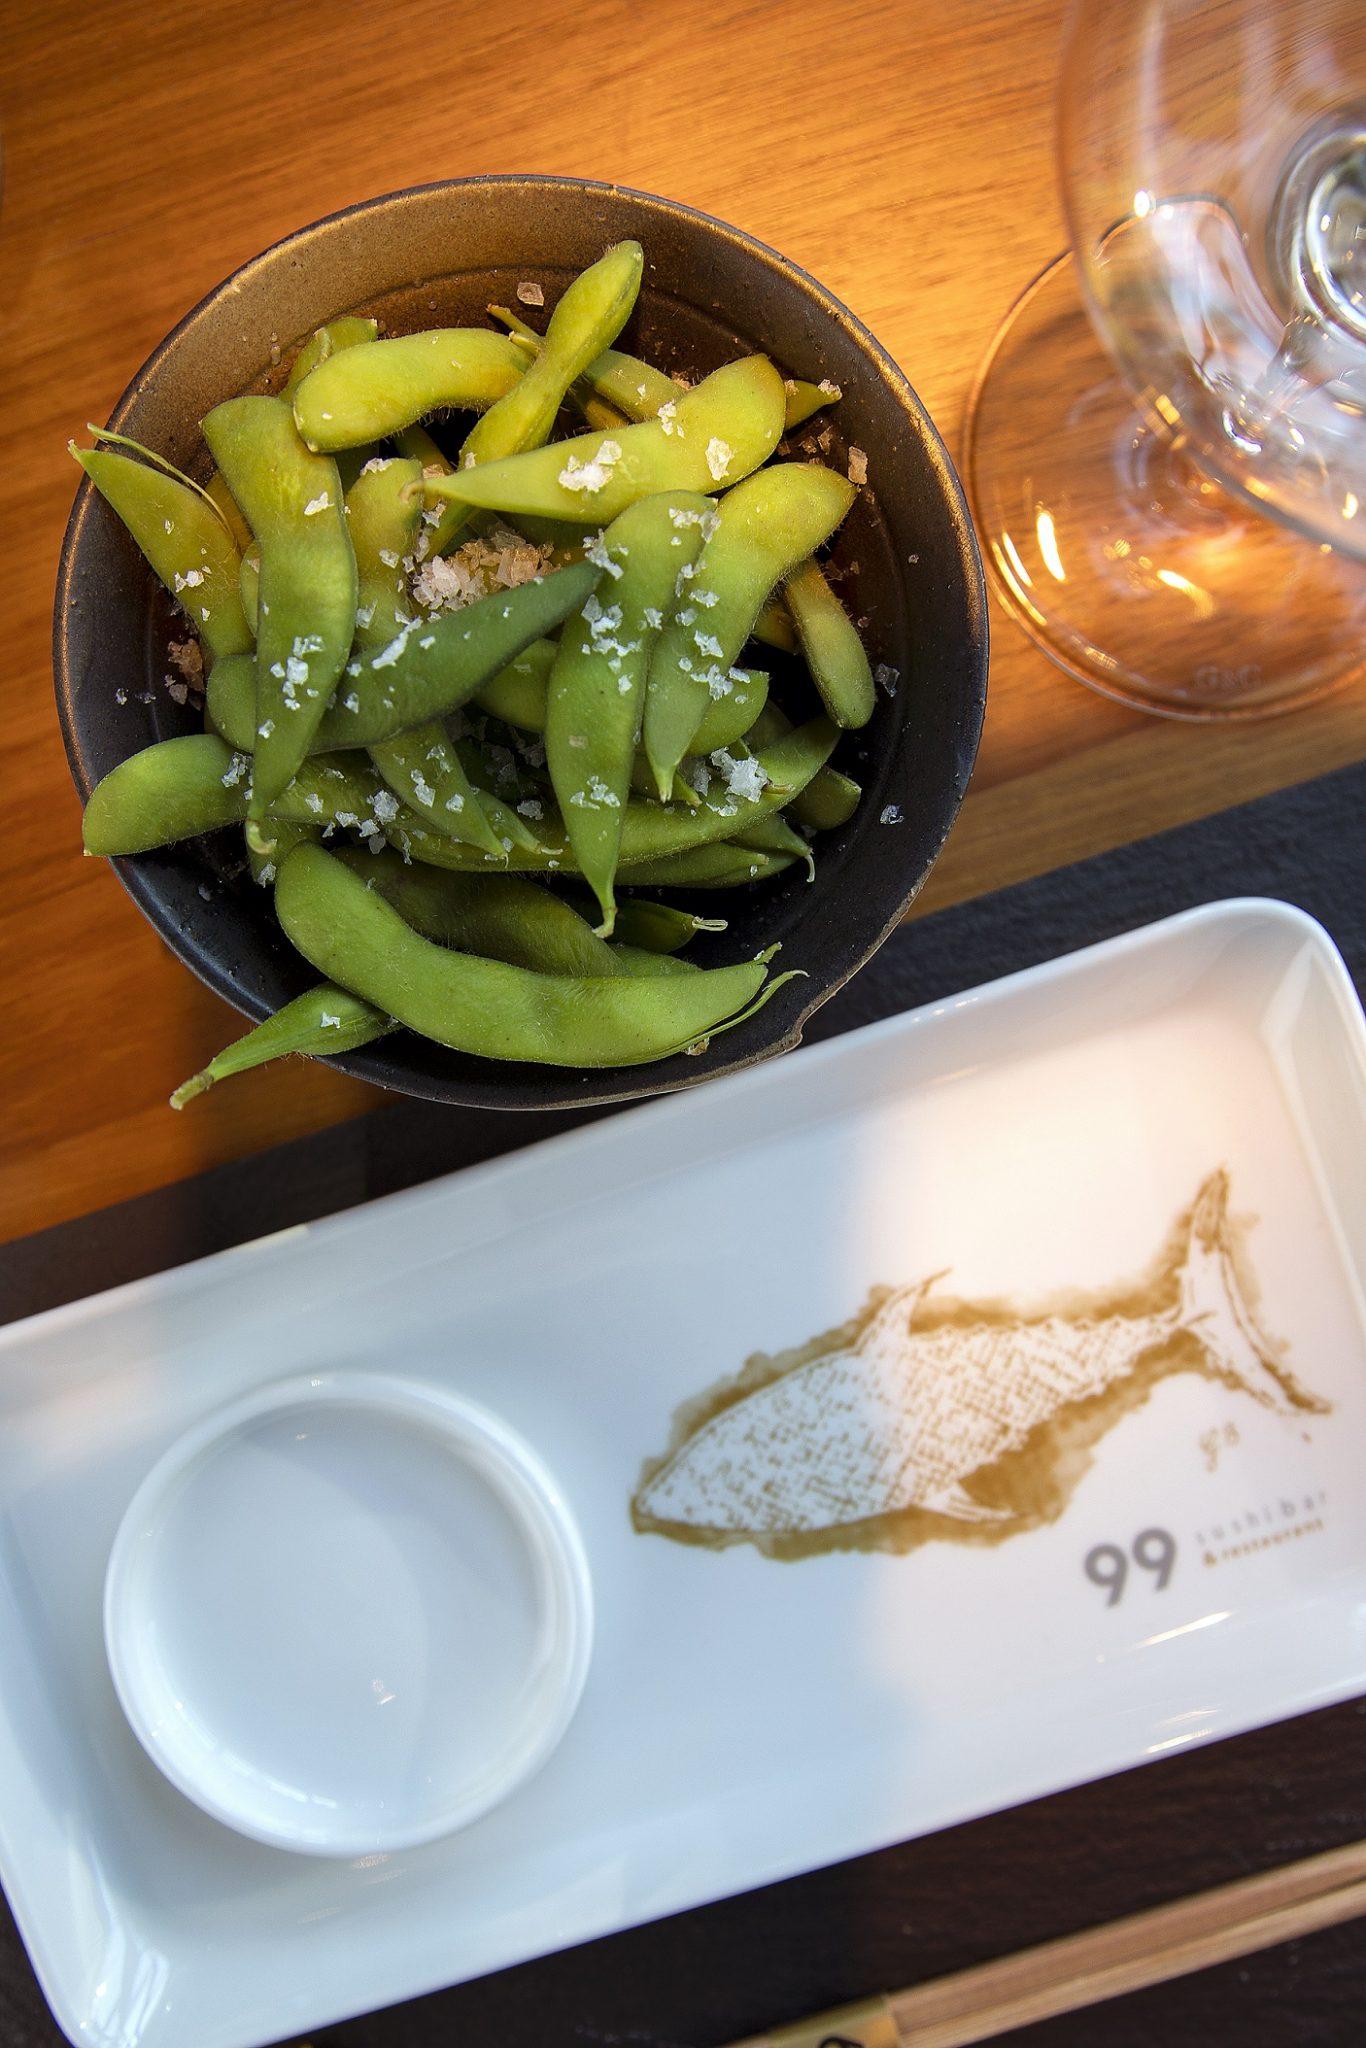 مطعم وبار 99 سوشي يضيف 9 أطباق جديدة الى قائمة طعامه